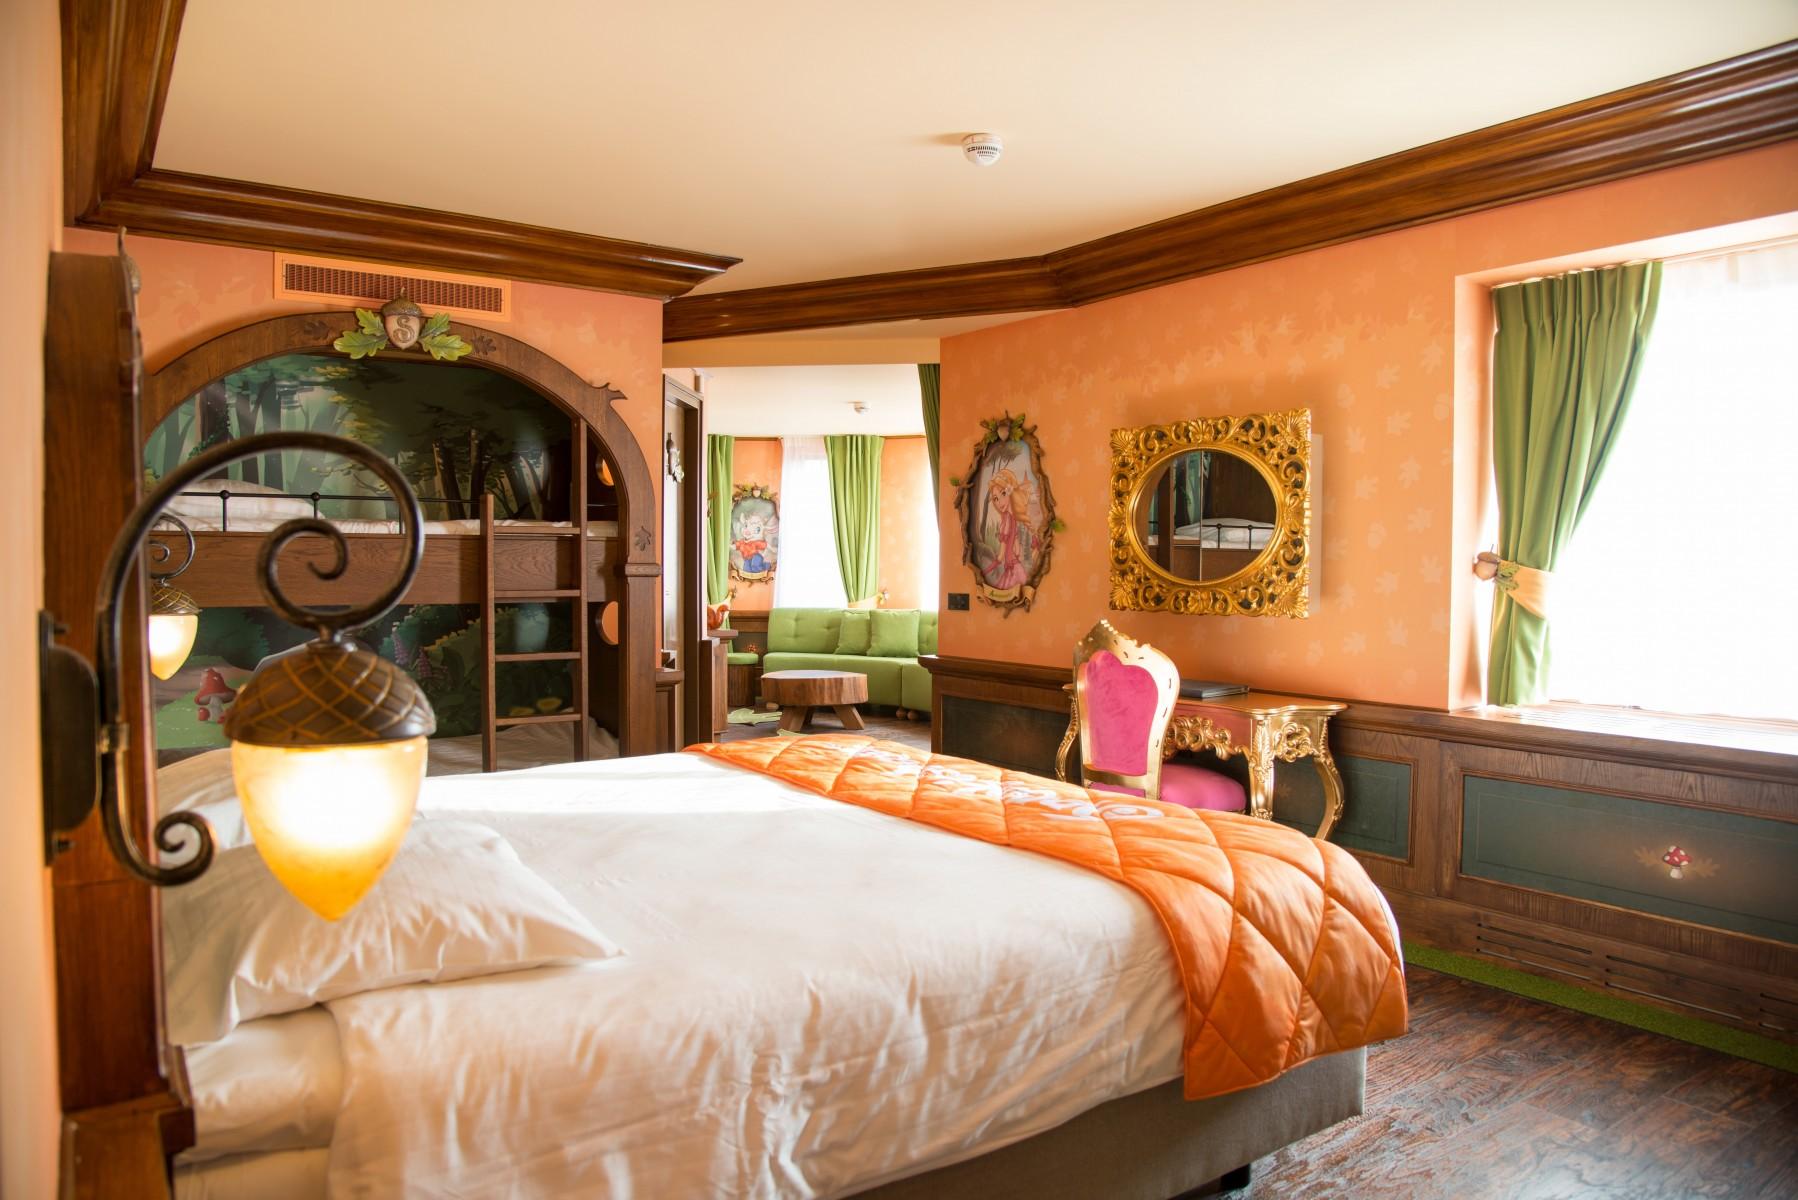 Slapen met Sprookjesboom vanaf nu mogelijk in Efteling Hotel